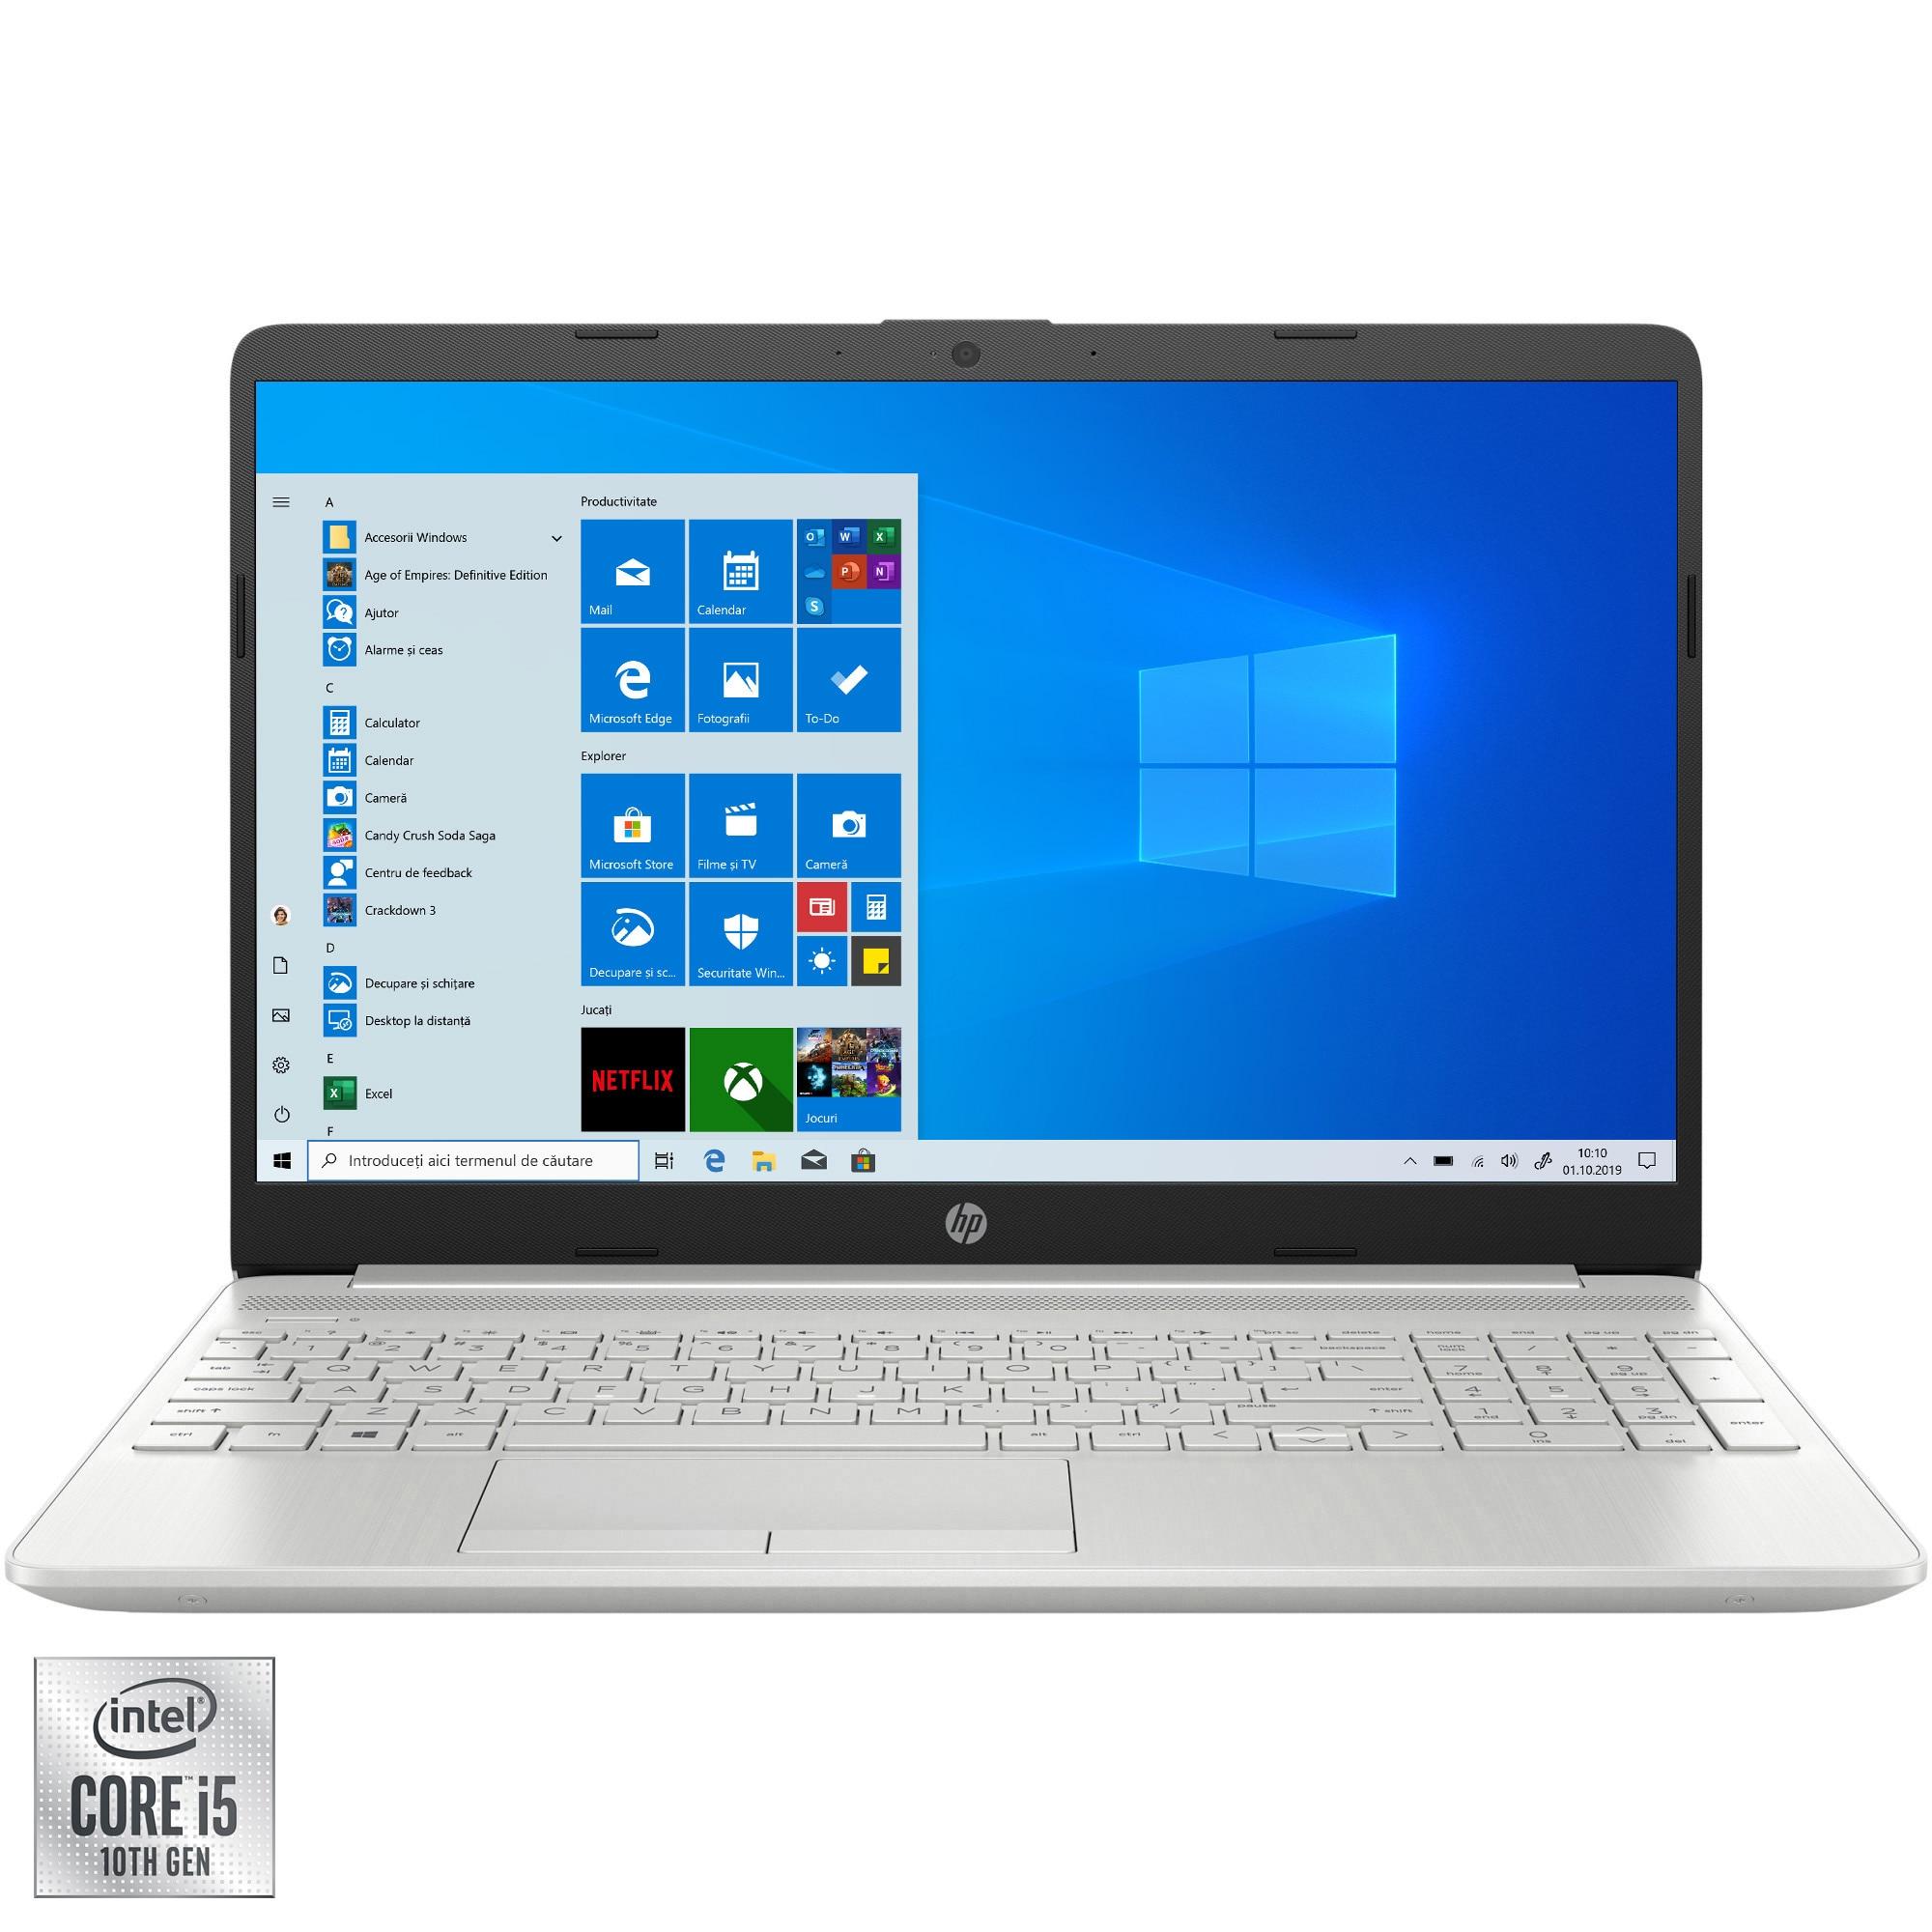 """Fotografie Laptop HP 15-dw2010nq cu procesor Intel Core i5-1035G1 pana la 3.60 GHz, 15.6"""", Full HD, 8GB, 512GB SSD, NVIDIA GeForce MX330 2GB, Windows 10 Home S, Silver"""